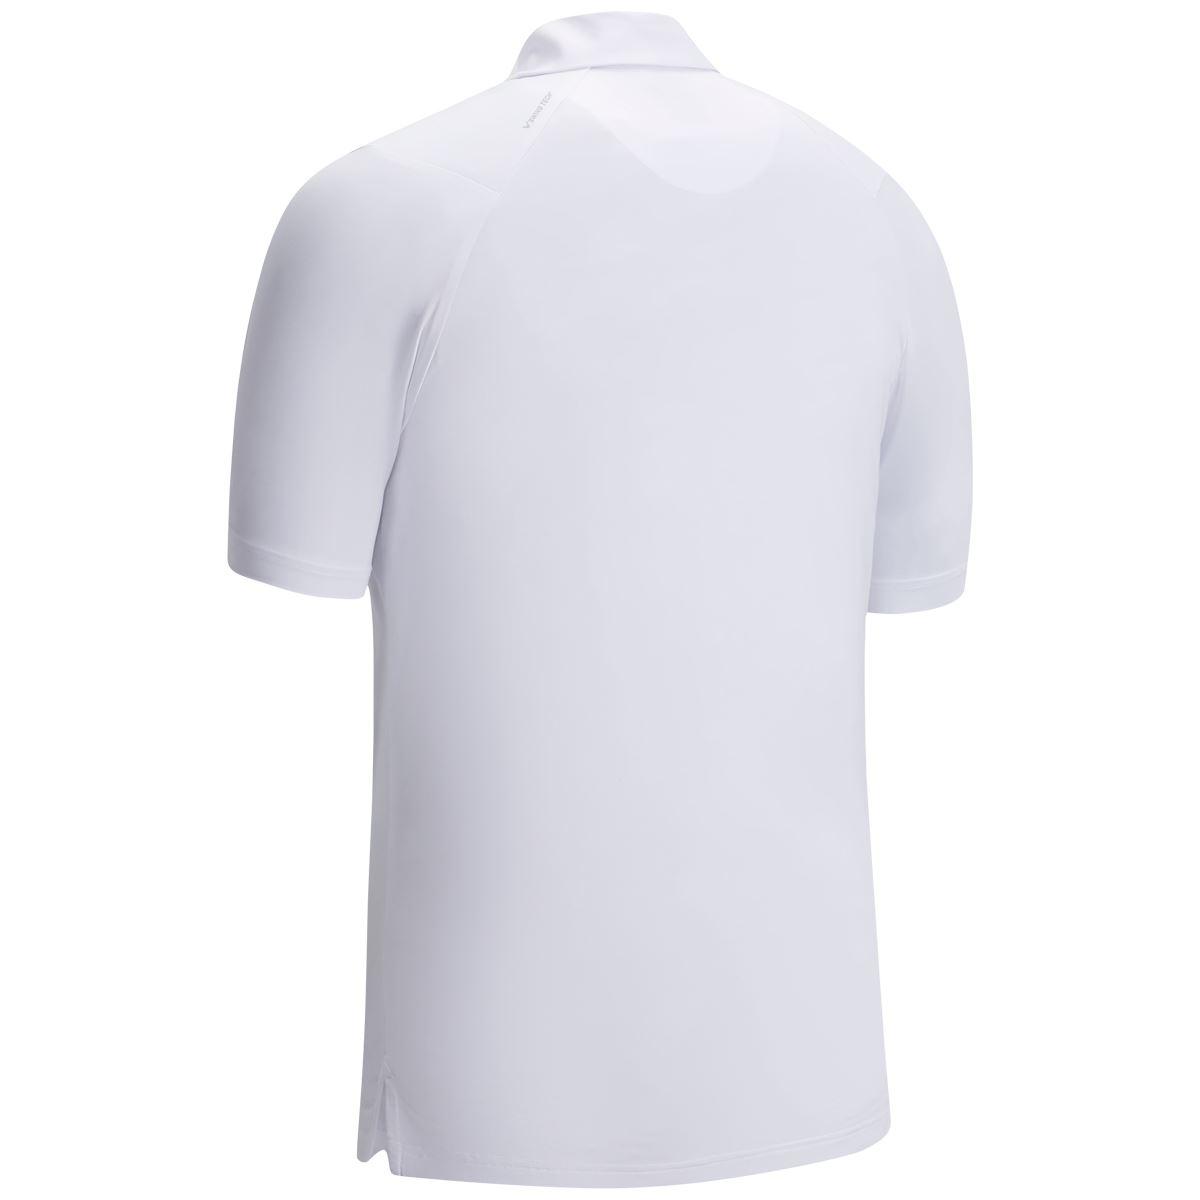 Callaway-Golf-2019-Mens-Linear-Printed-Chevron-Two-Tone-Golf-Polo-Shirt thumbnail 3